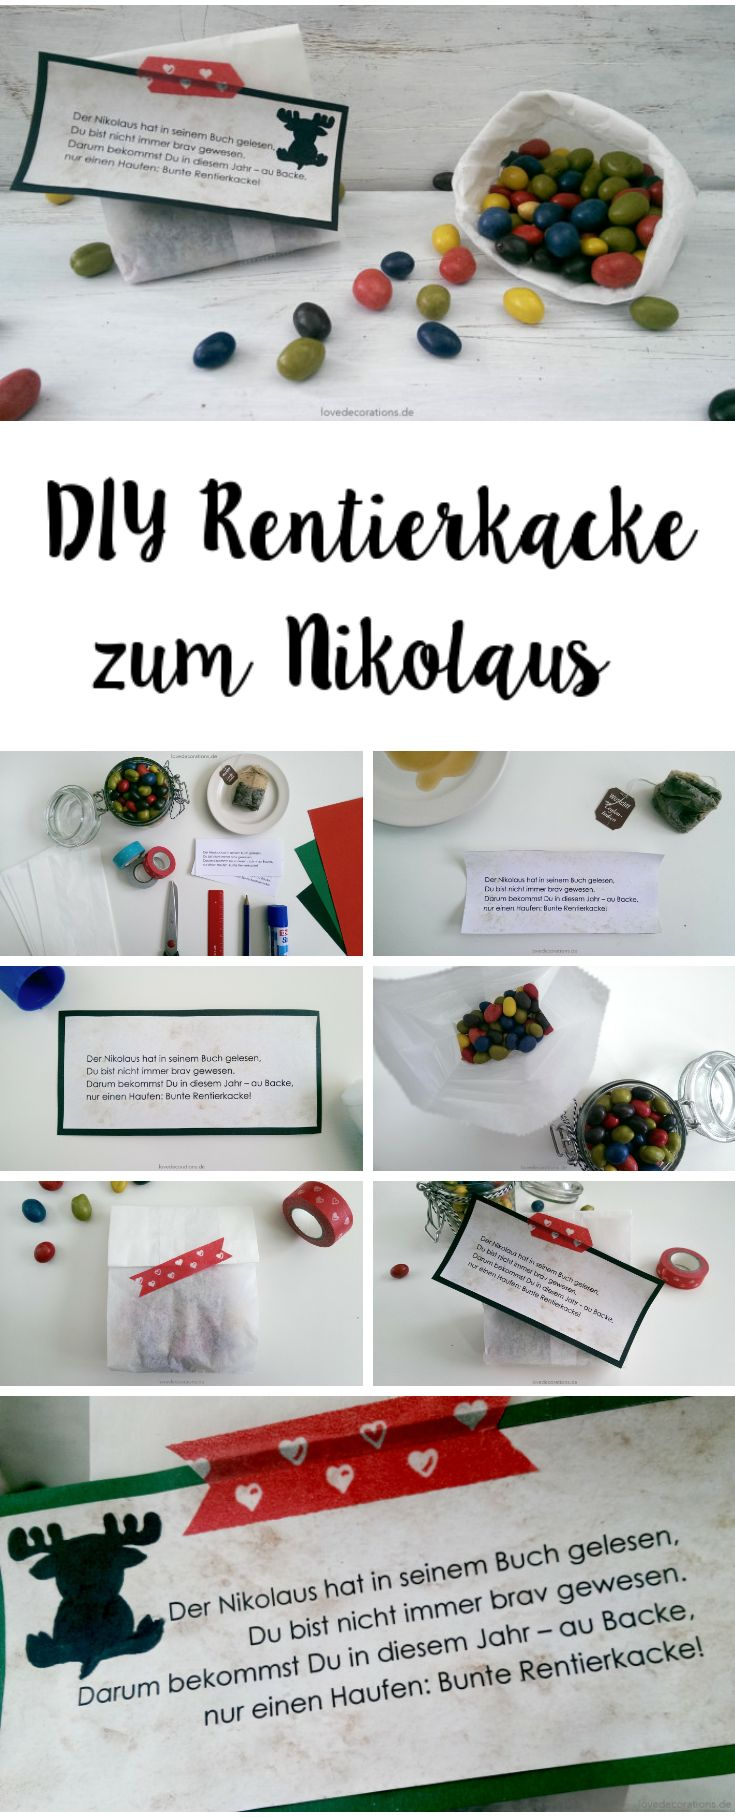 DIY Rentierkacke zum Nikolaus                                                                                                                                                                                 Mehr